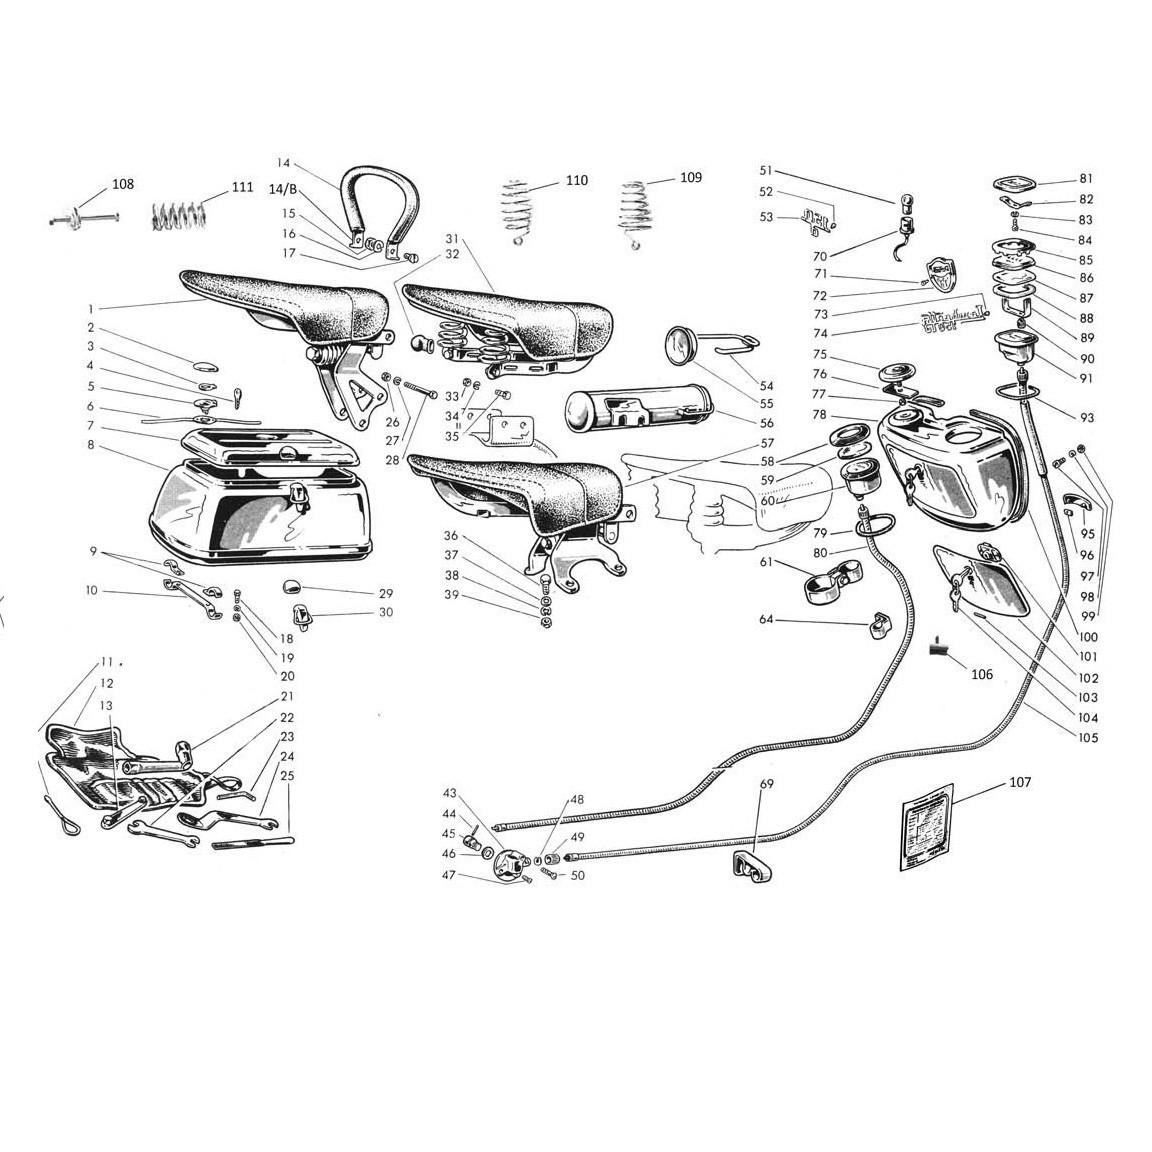 Accessori - Selle - Contachilometri (Tav.21)